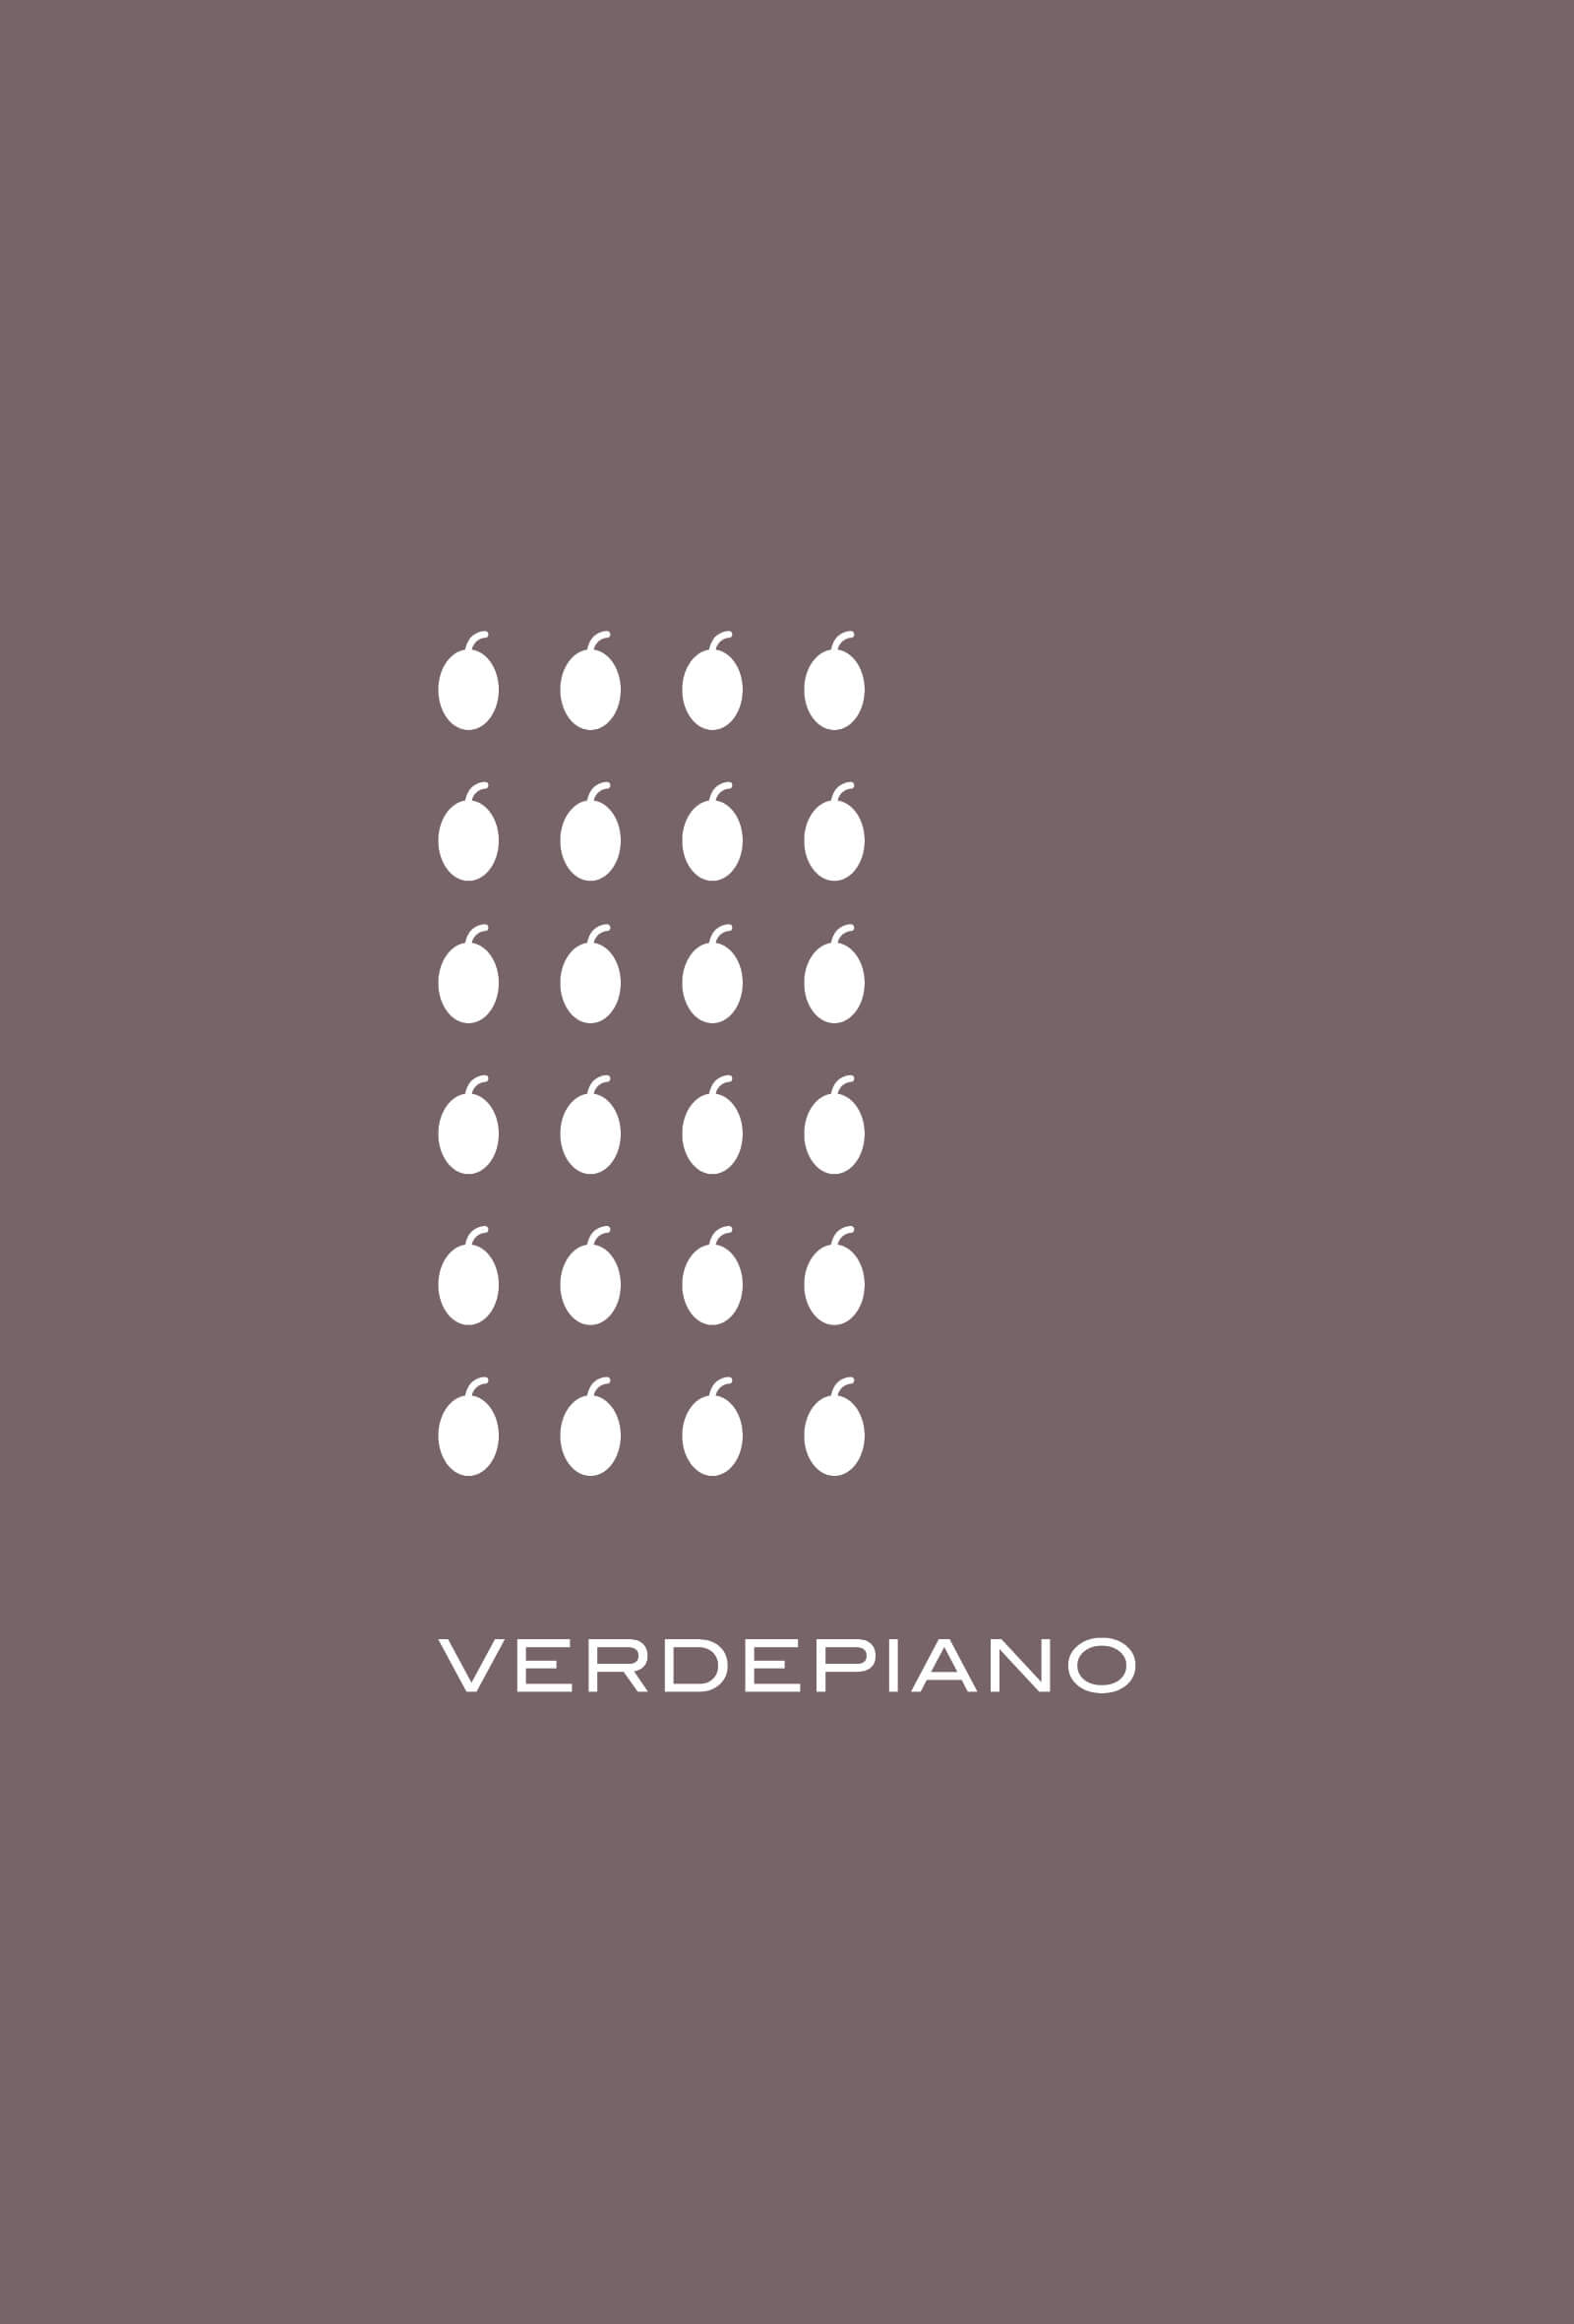 progetto per il logo e per etichetta olio Verdepiano, dello studio di progettazione grafica Diade di Arco Tn